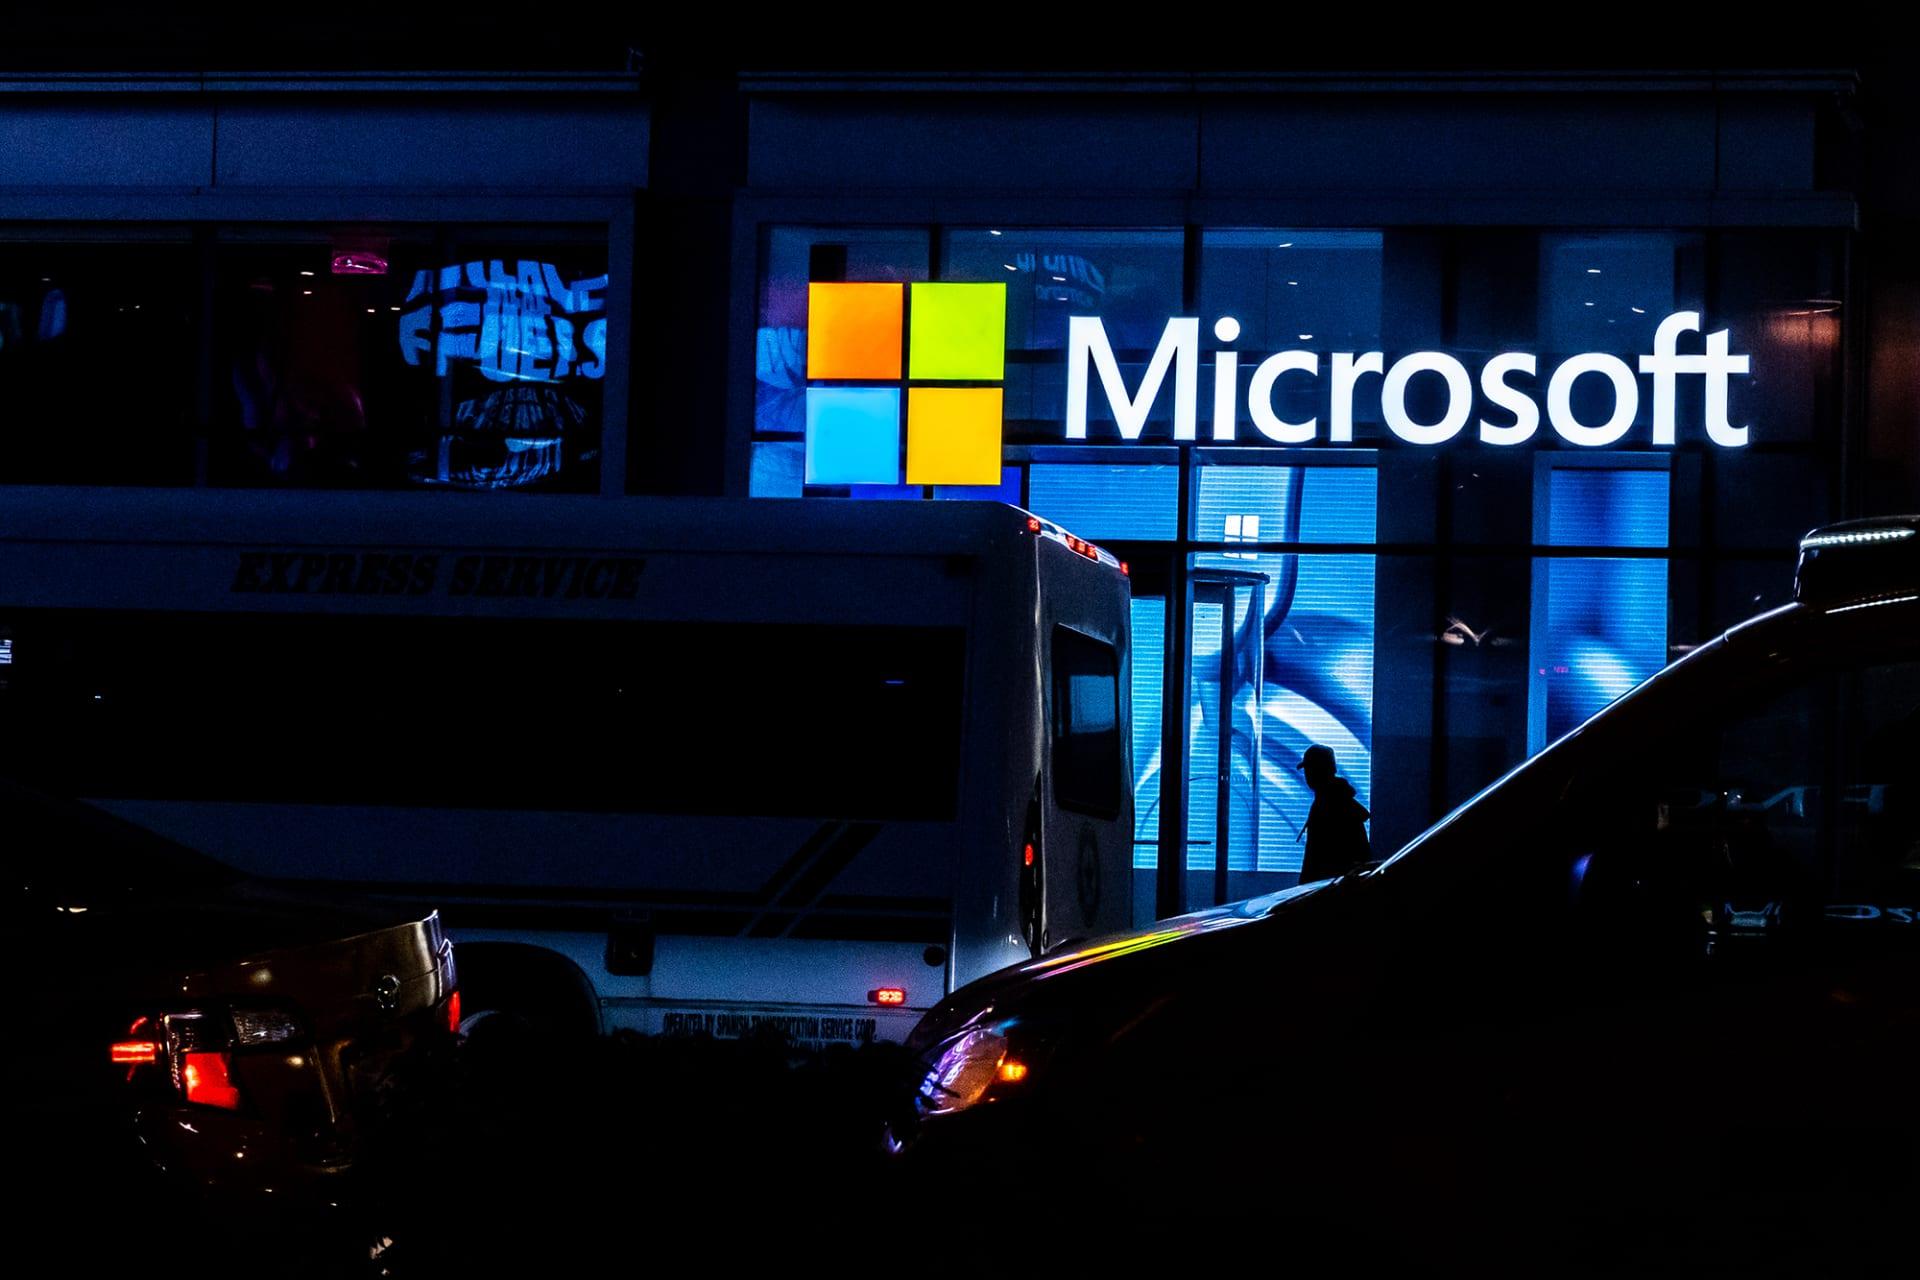 مدفوعة بمبيعات ألعاب الفيديو والسحابة الذكية.. أرباح مايكروسوفت تتجاوز التوقعات